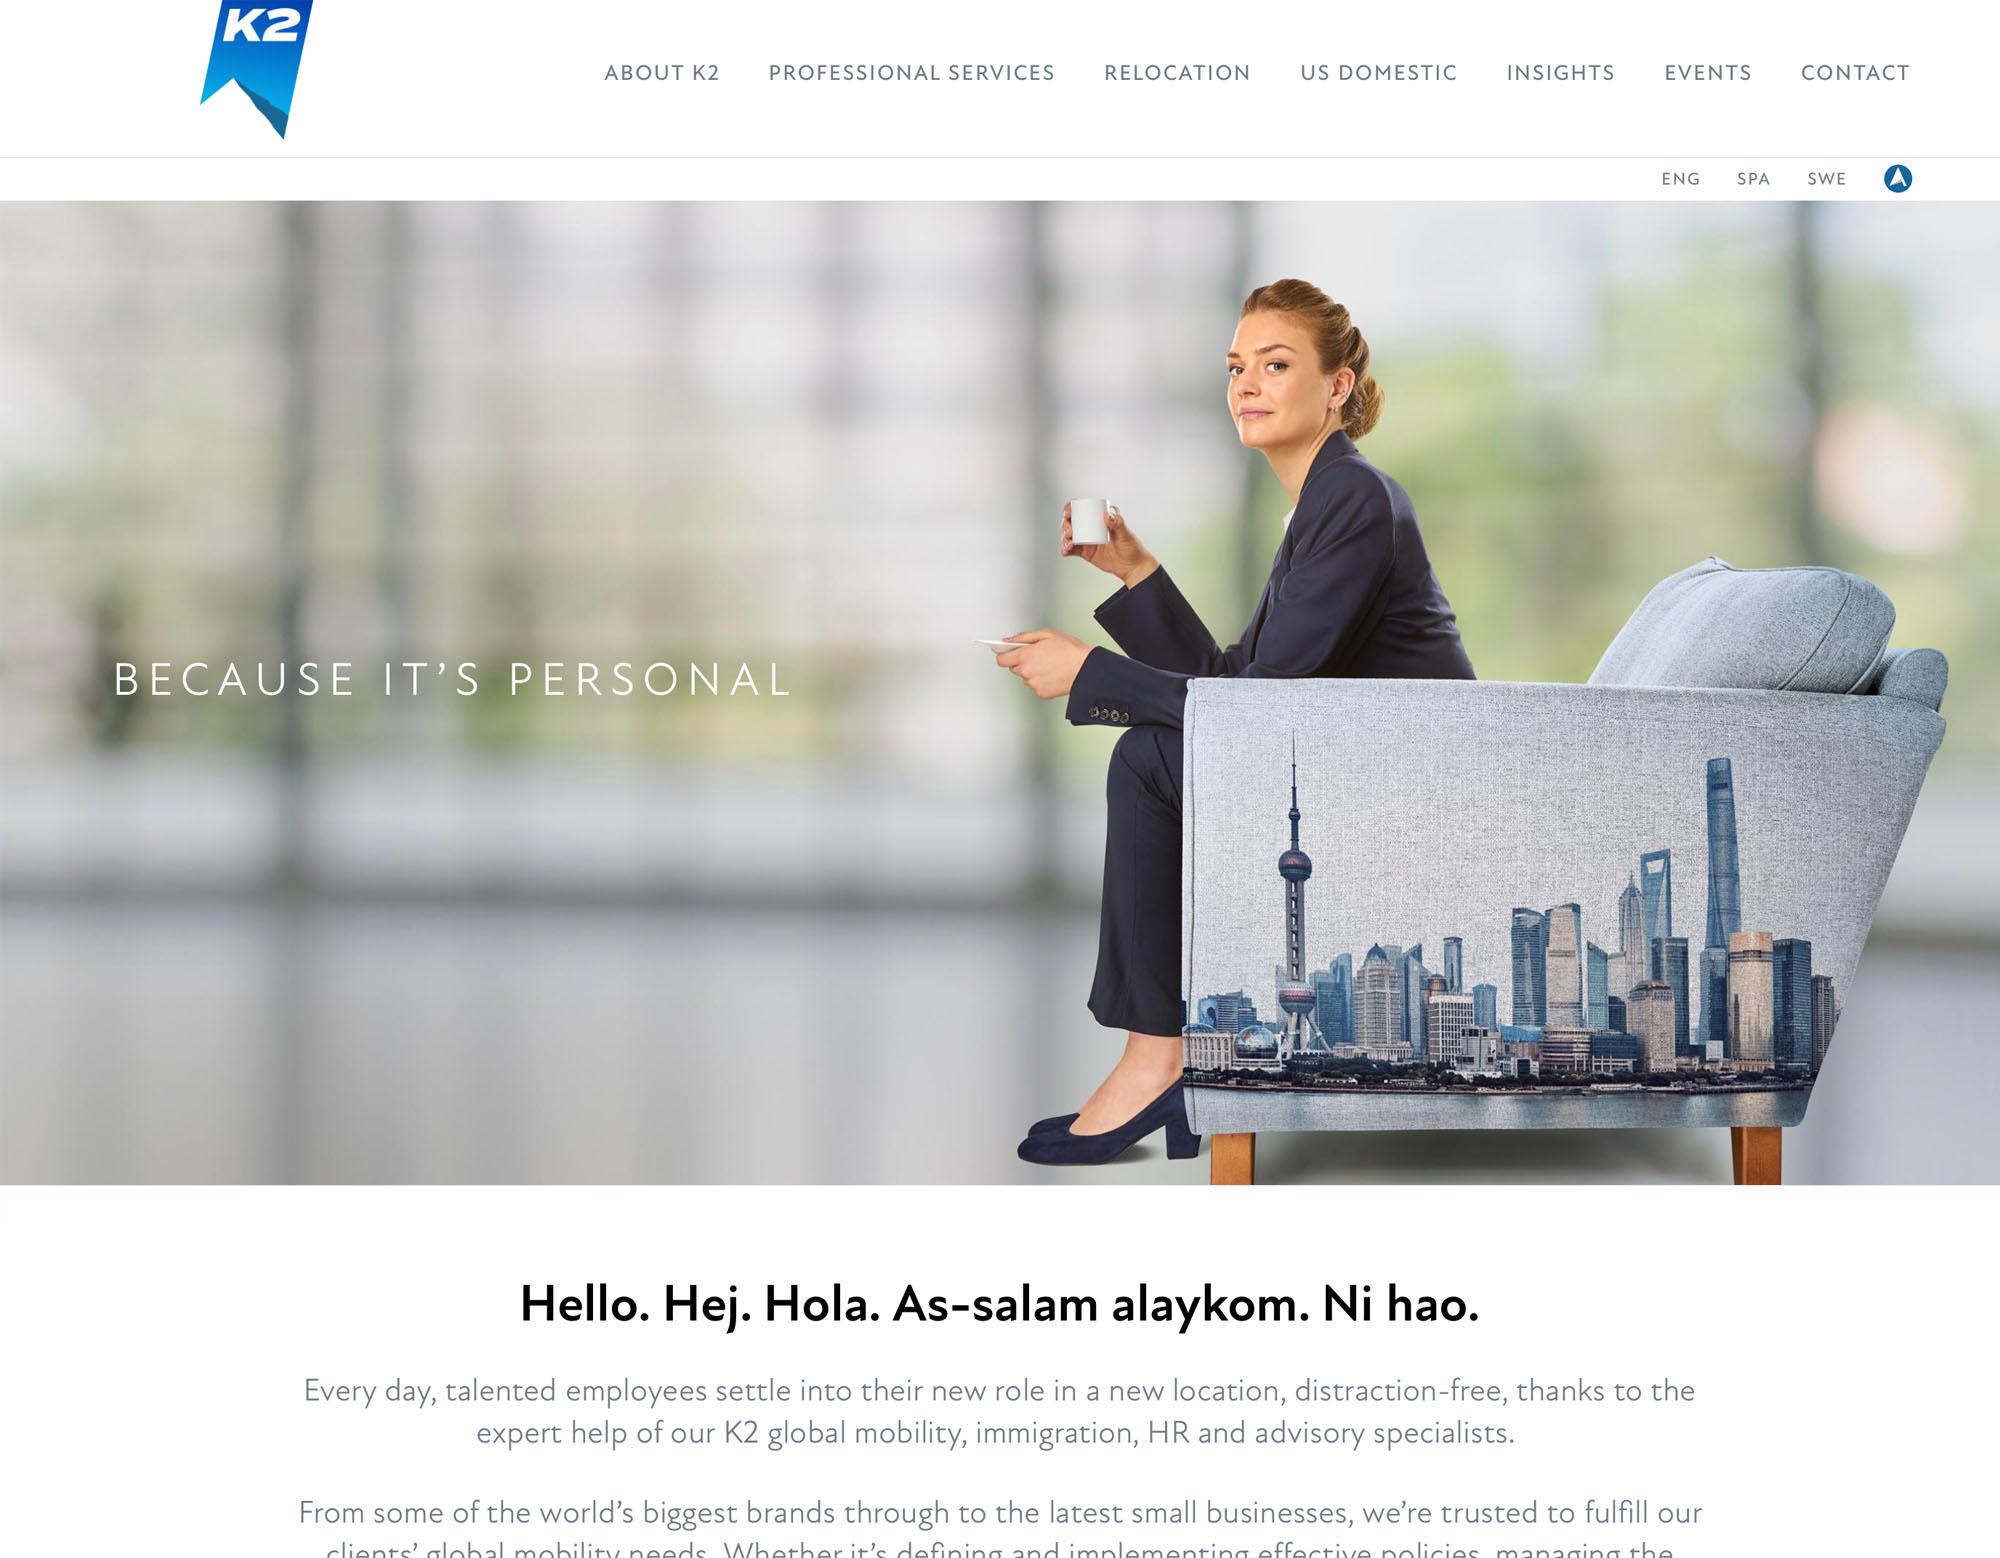 K2 website design